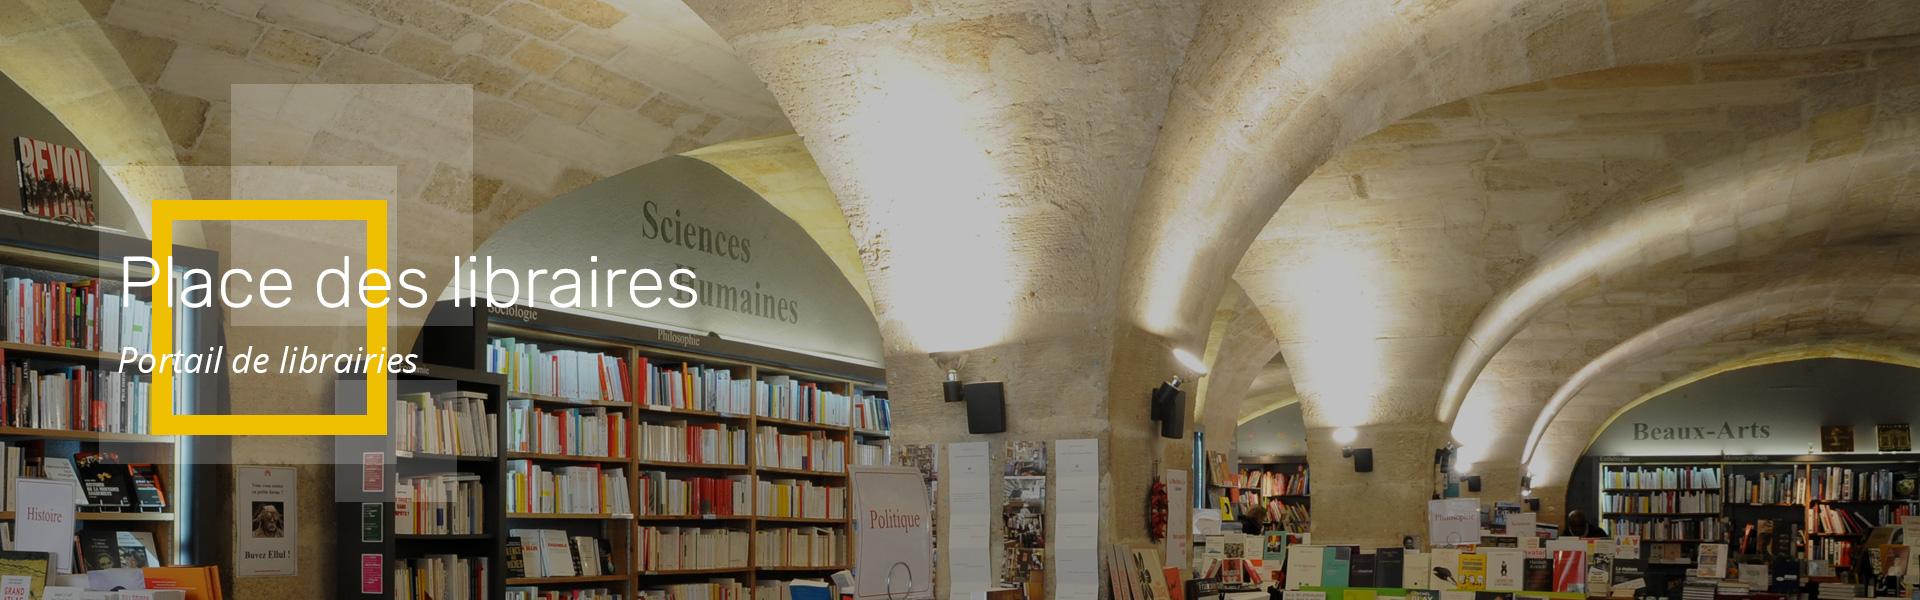 Place des Libraires - Portail de librairies